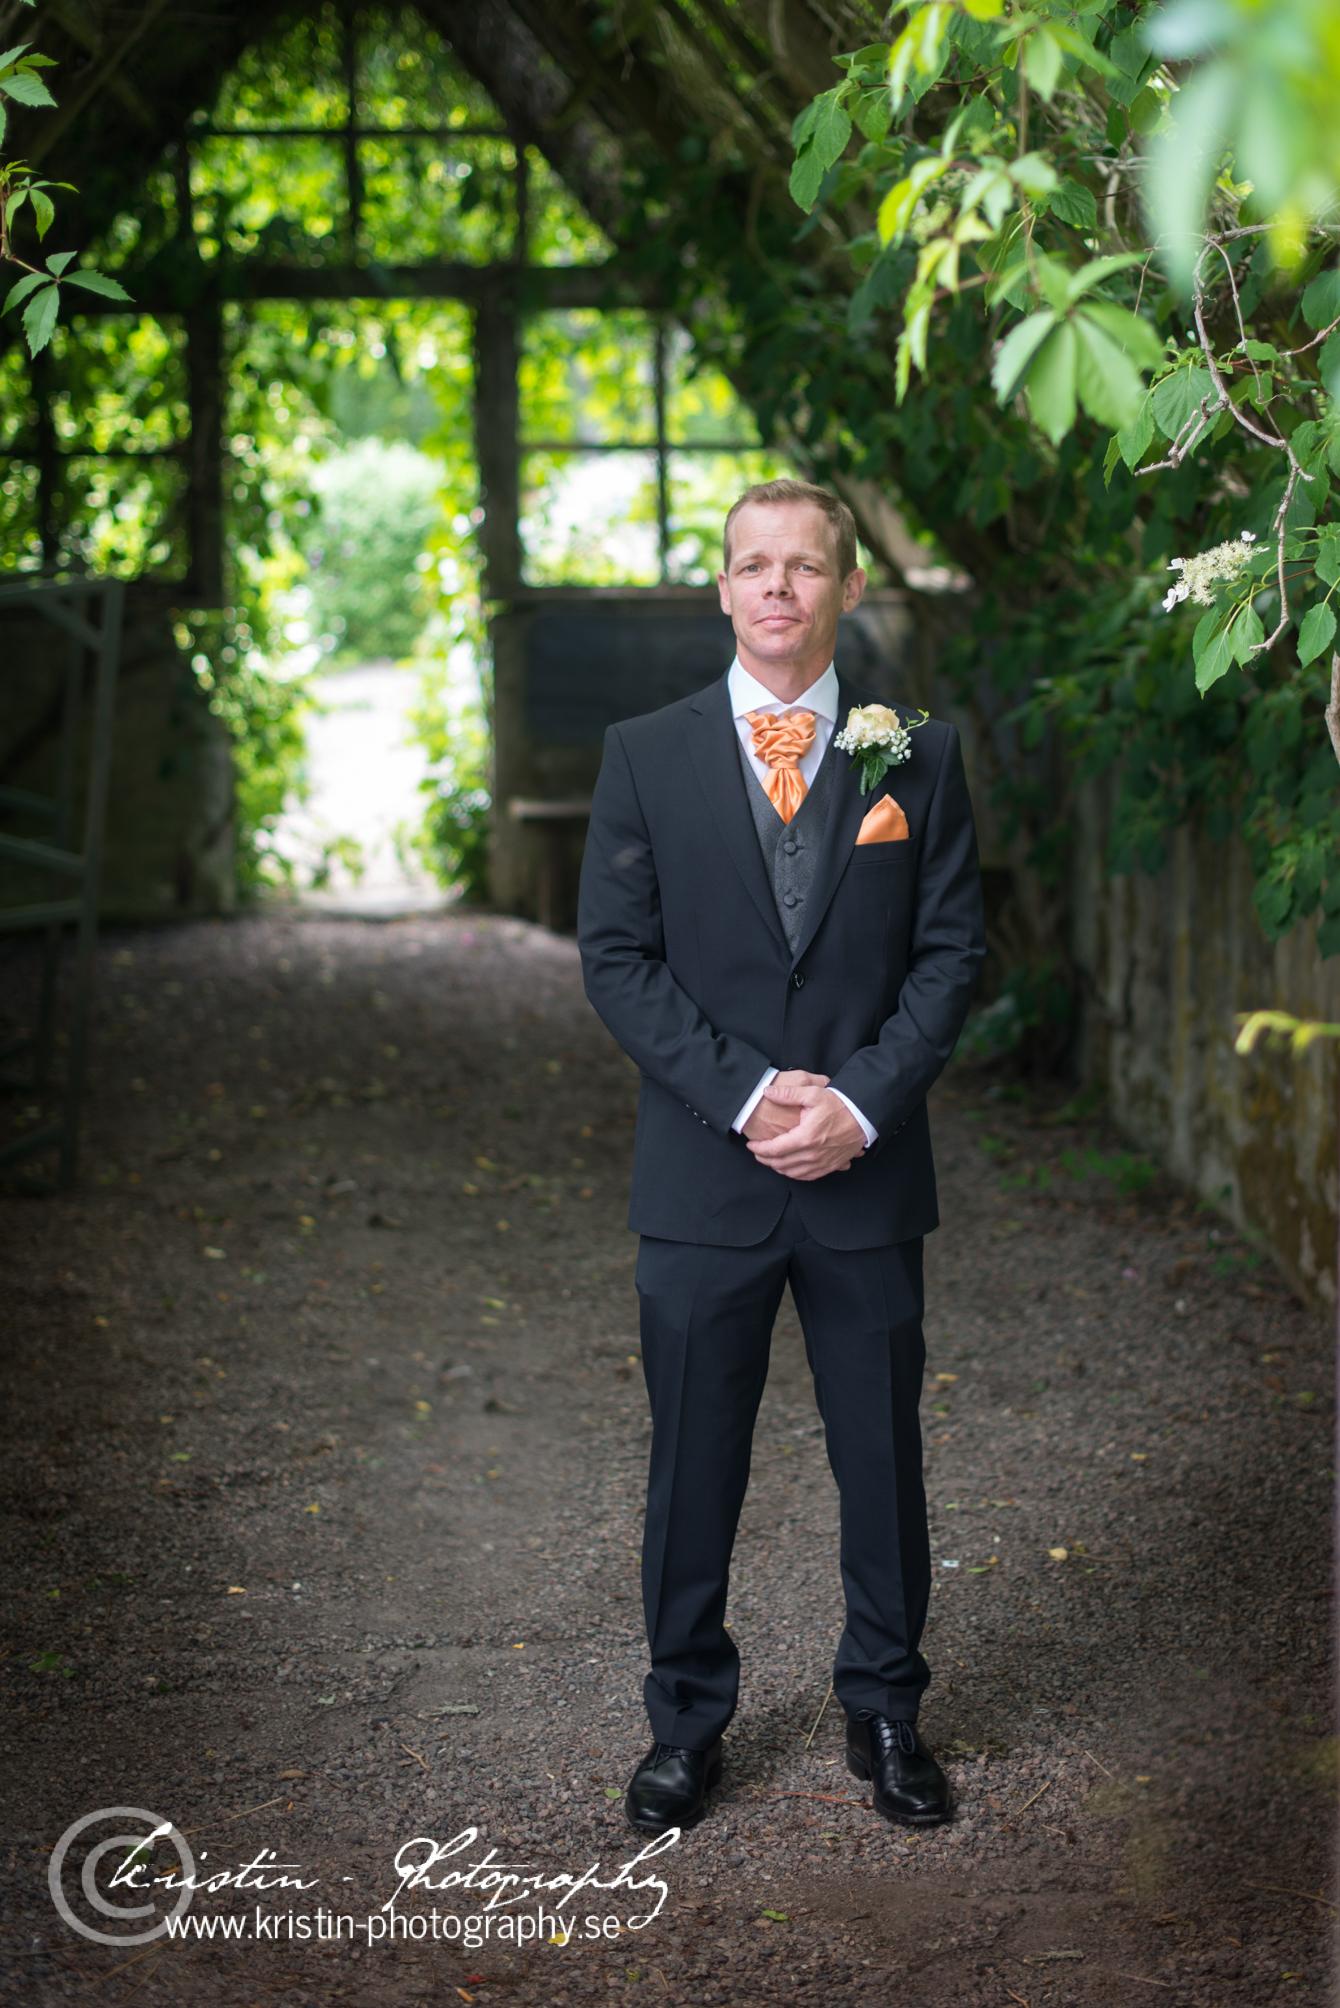 Bröllopsfotograf i Eskilstuna, Kristin - Photography, weddingphotographer -23.jpg